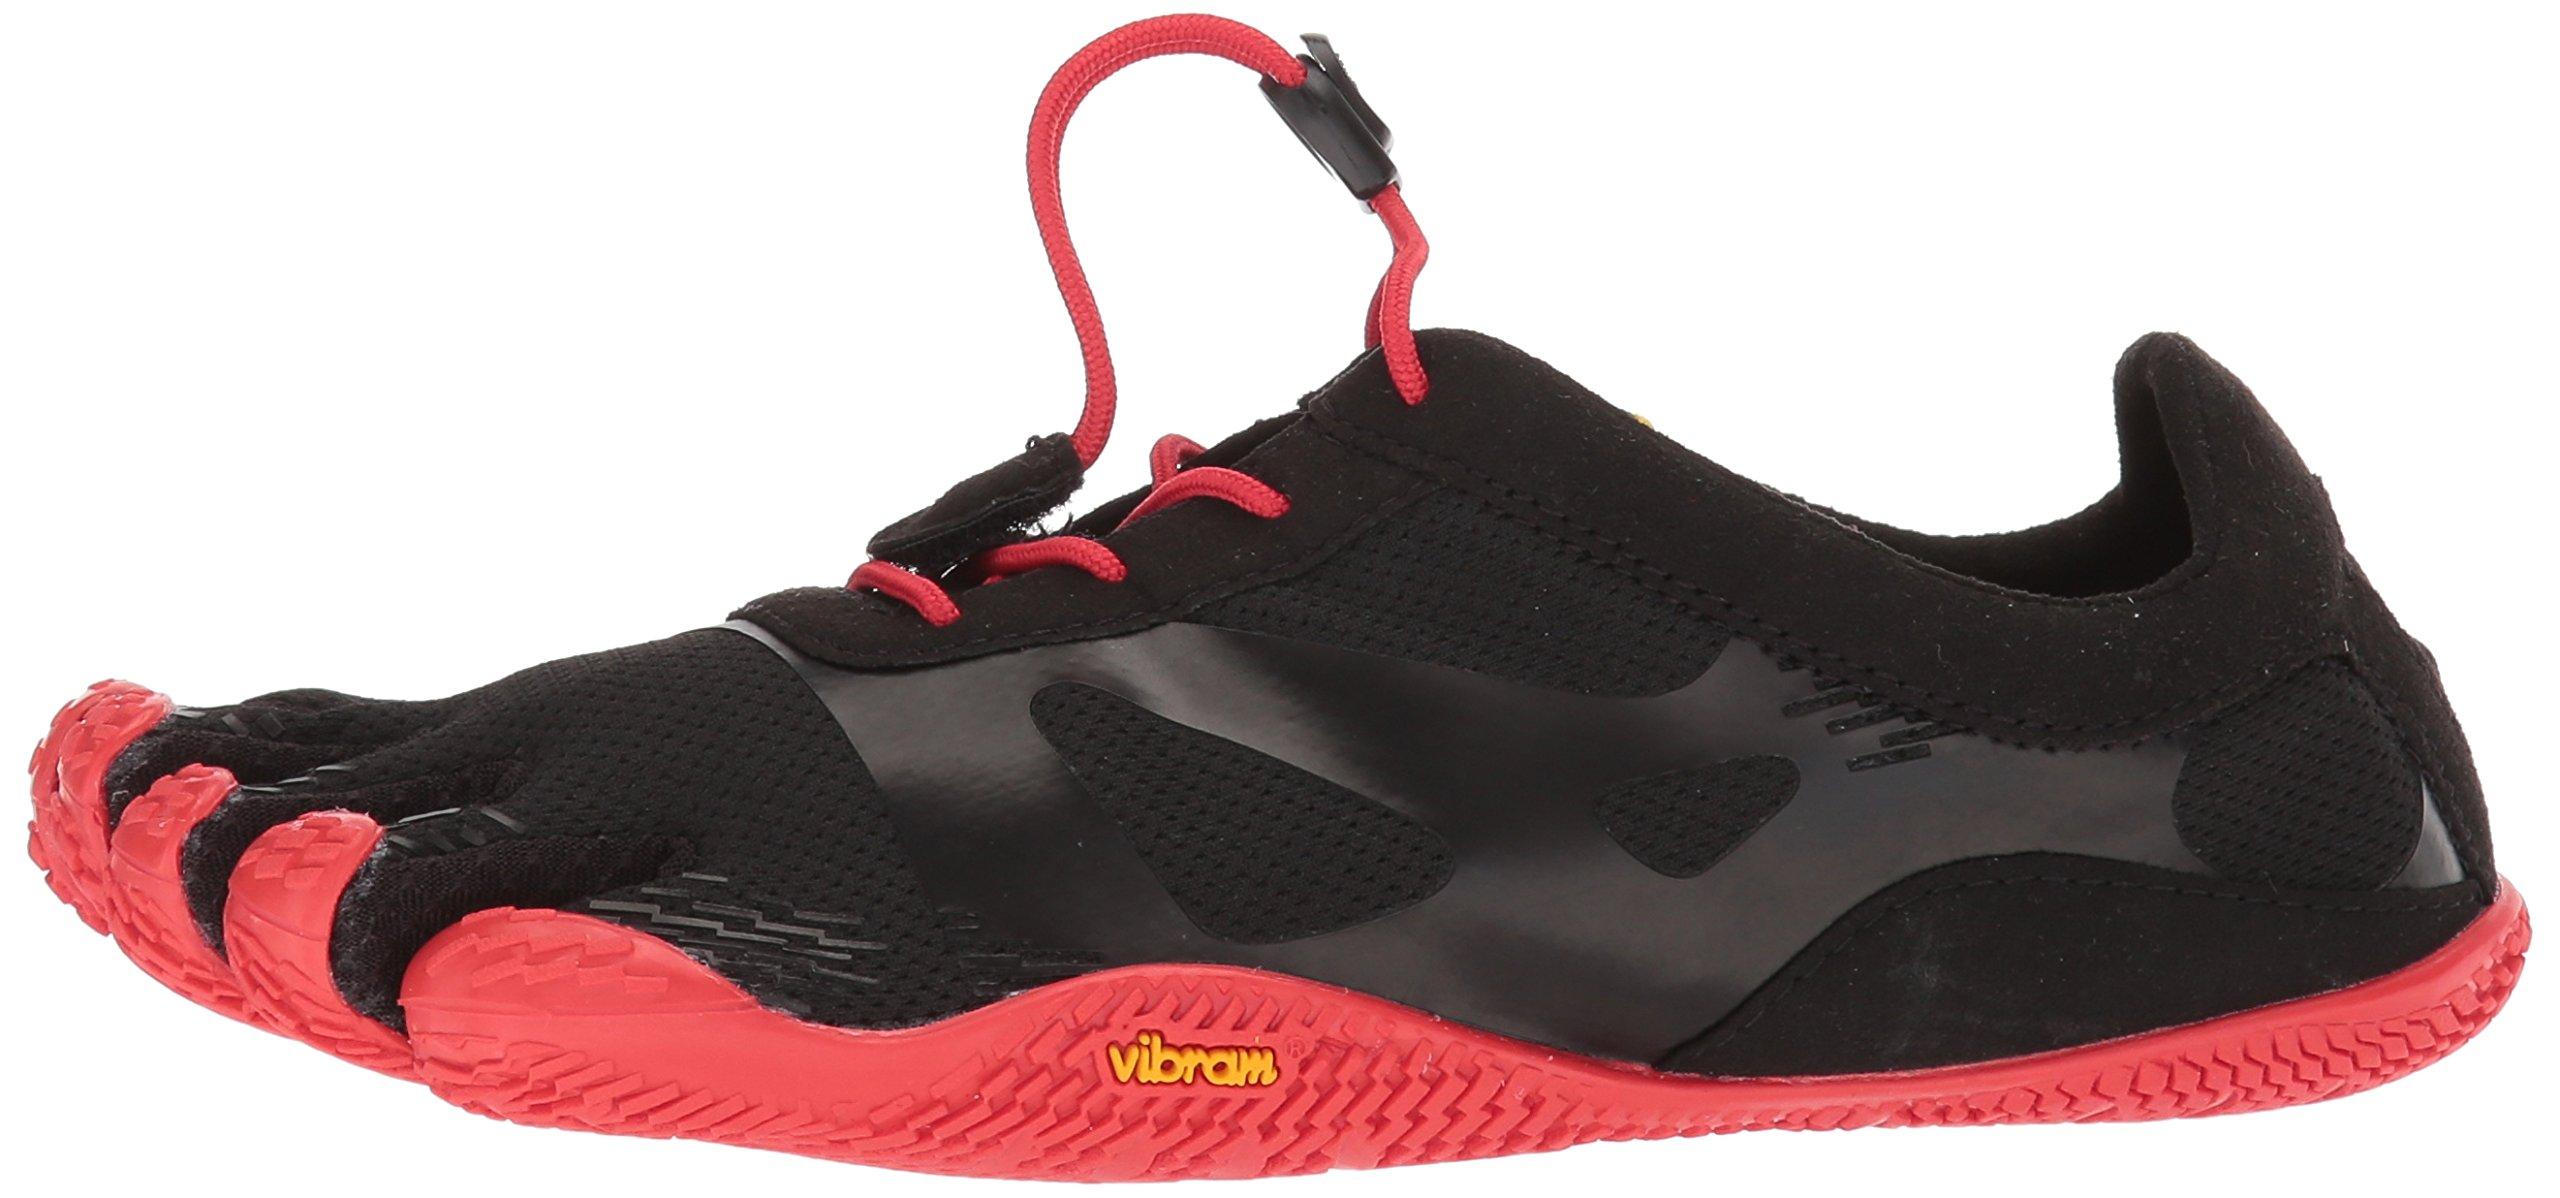 Vibram Men's KSO EVO Black/Red Cross Trainer, 8.0-8.5 M D (40 EU/8.0-8.5 US) by Vibram (Image #5)